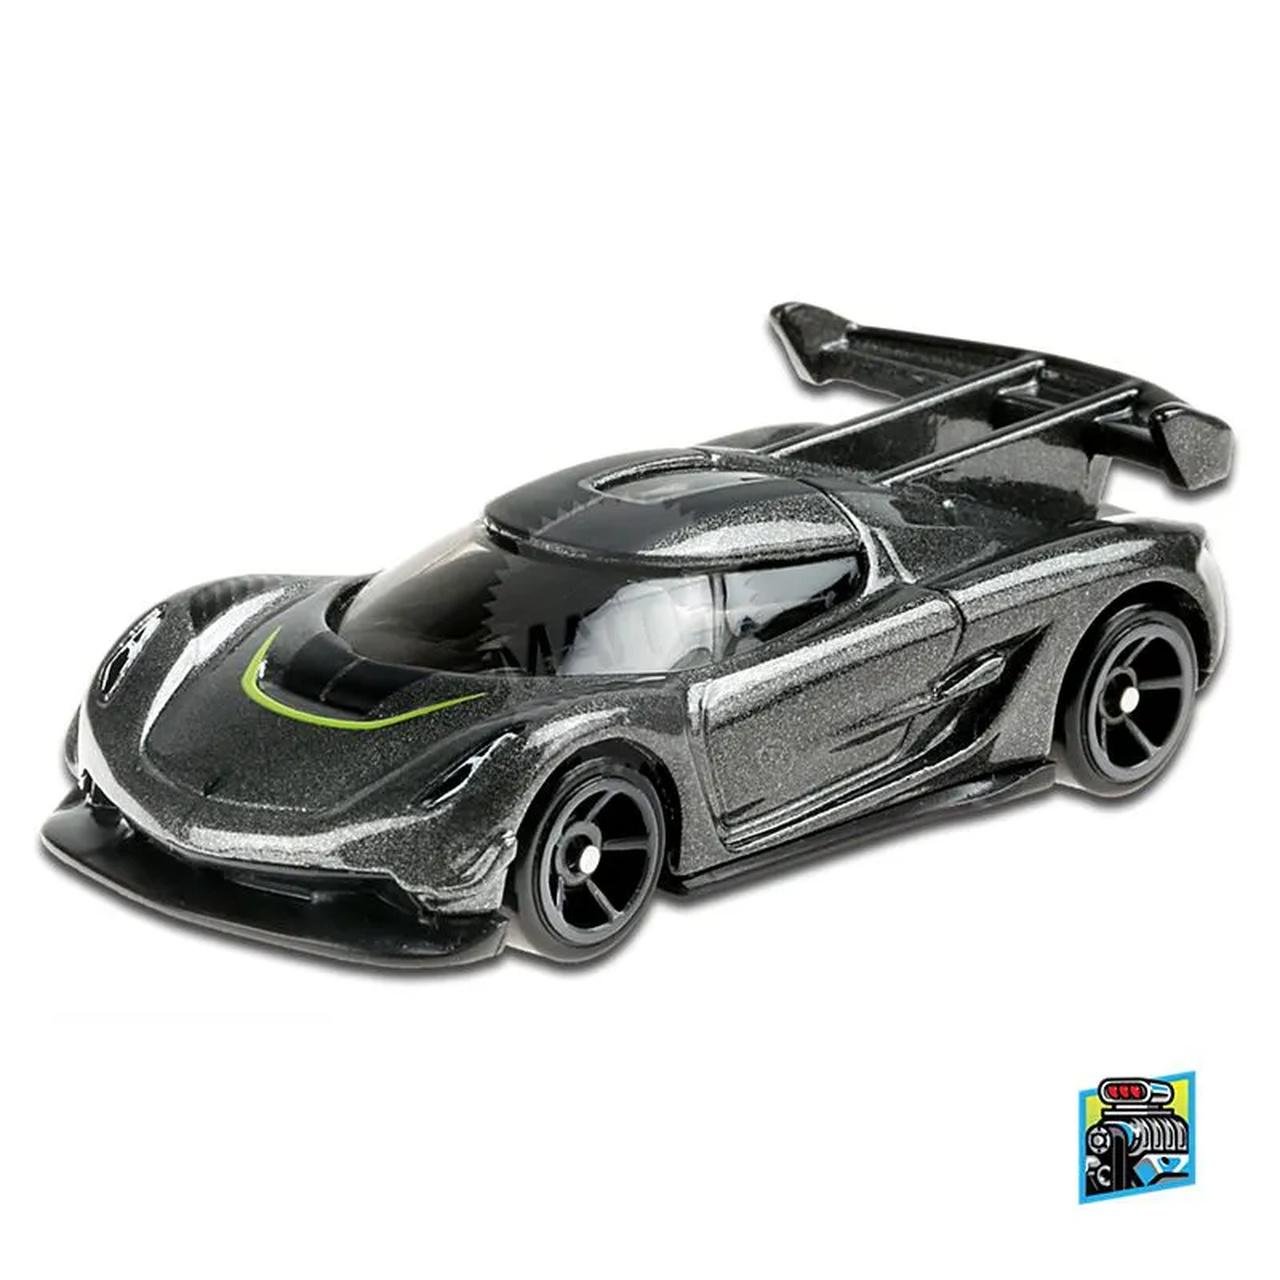 Carrinho Hot Wheels: 2020 Koenigsegg Jesko HW Torque - Mattel